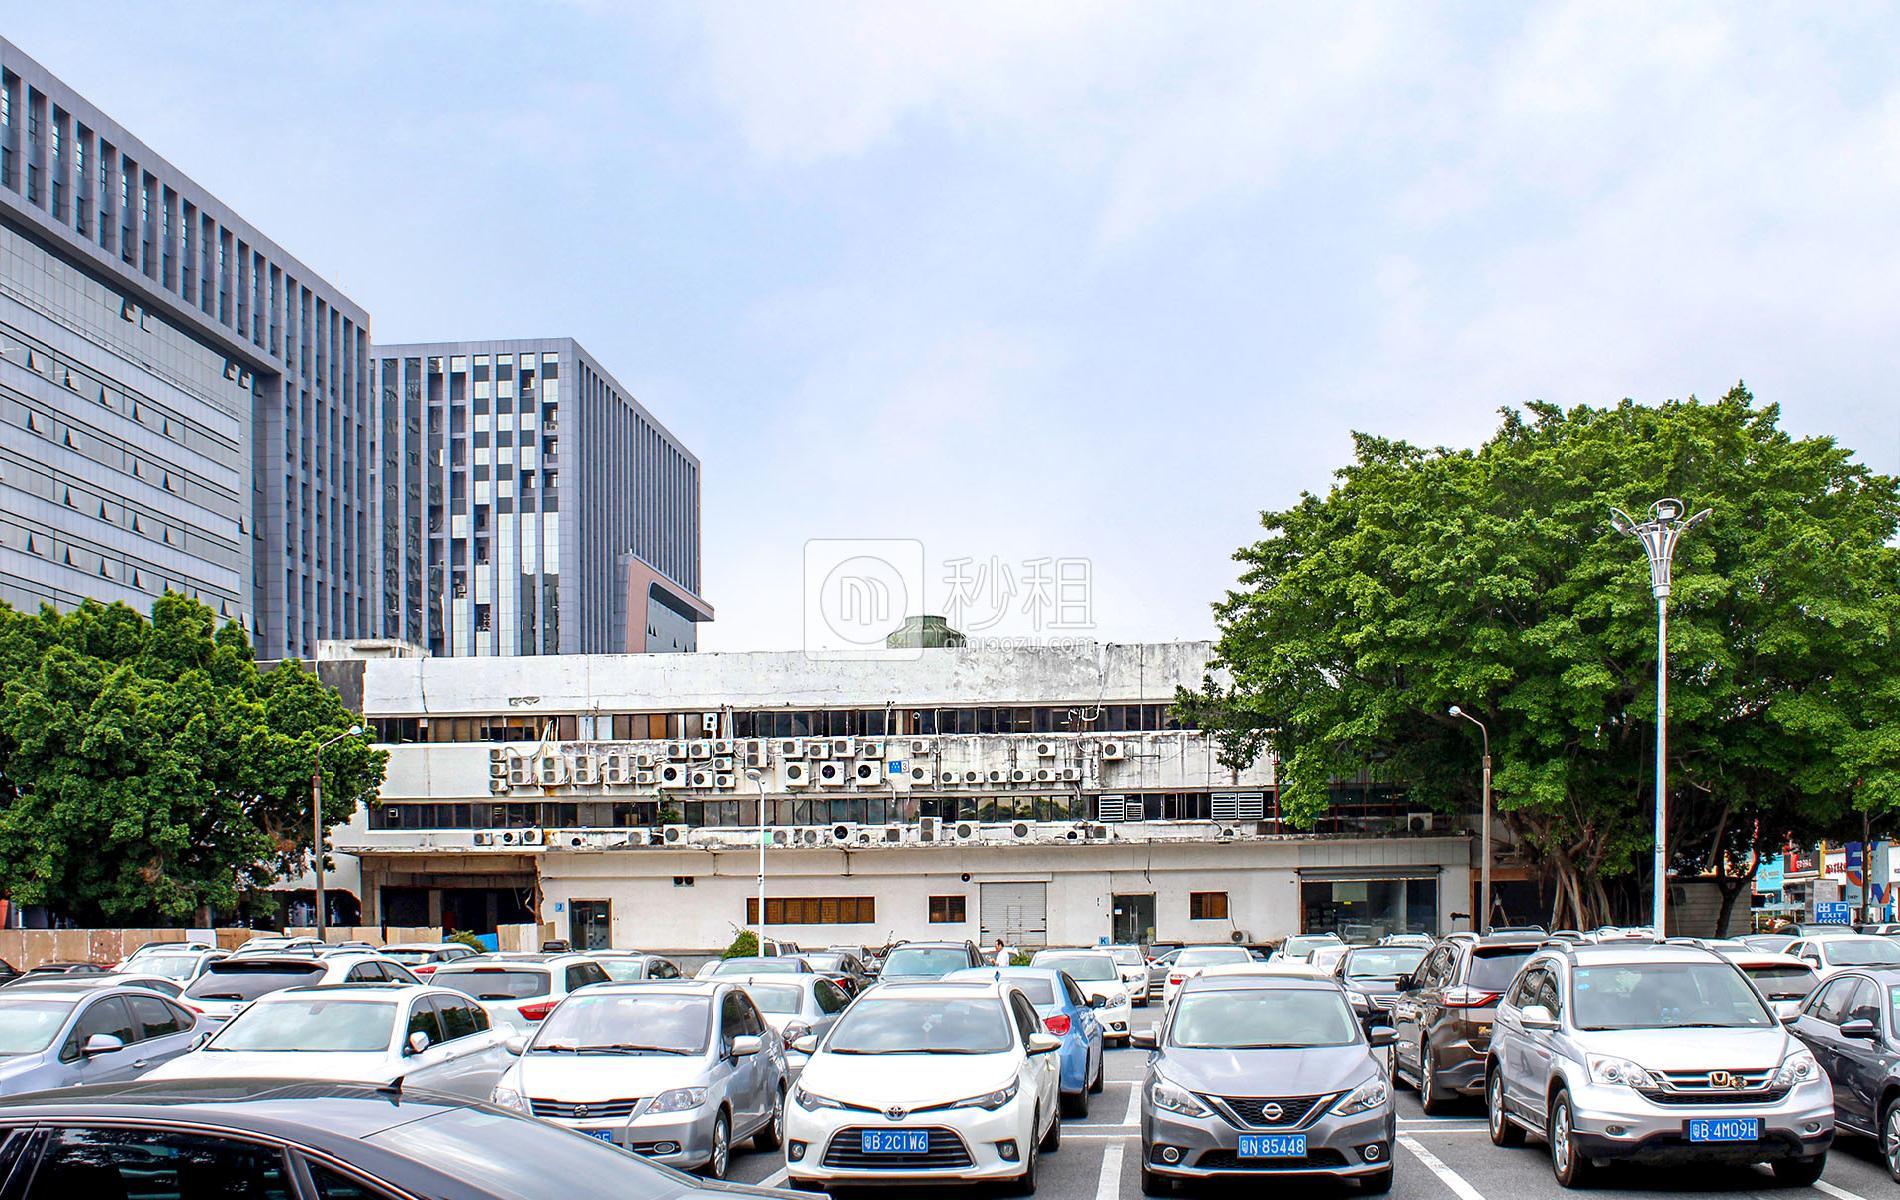 皇冠科技园写字楼出租/招租/租赁,皇冠科技园办公室出租/招租/租赁